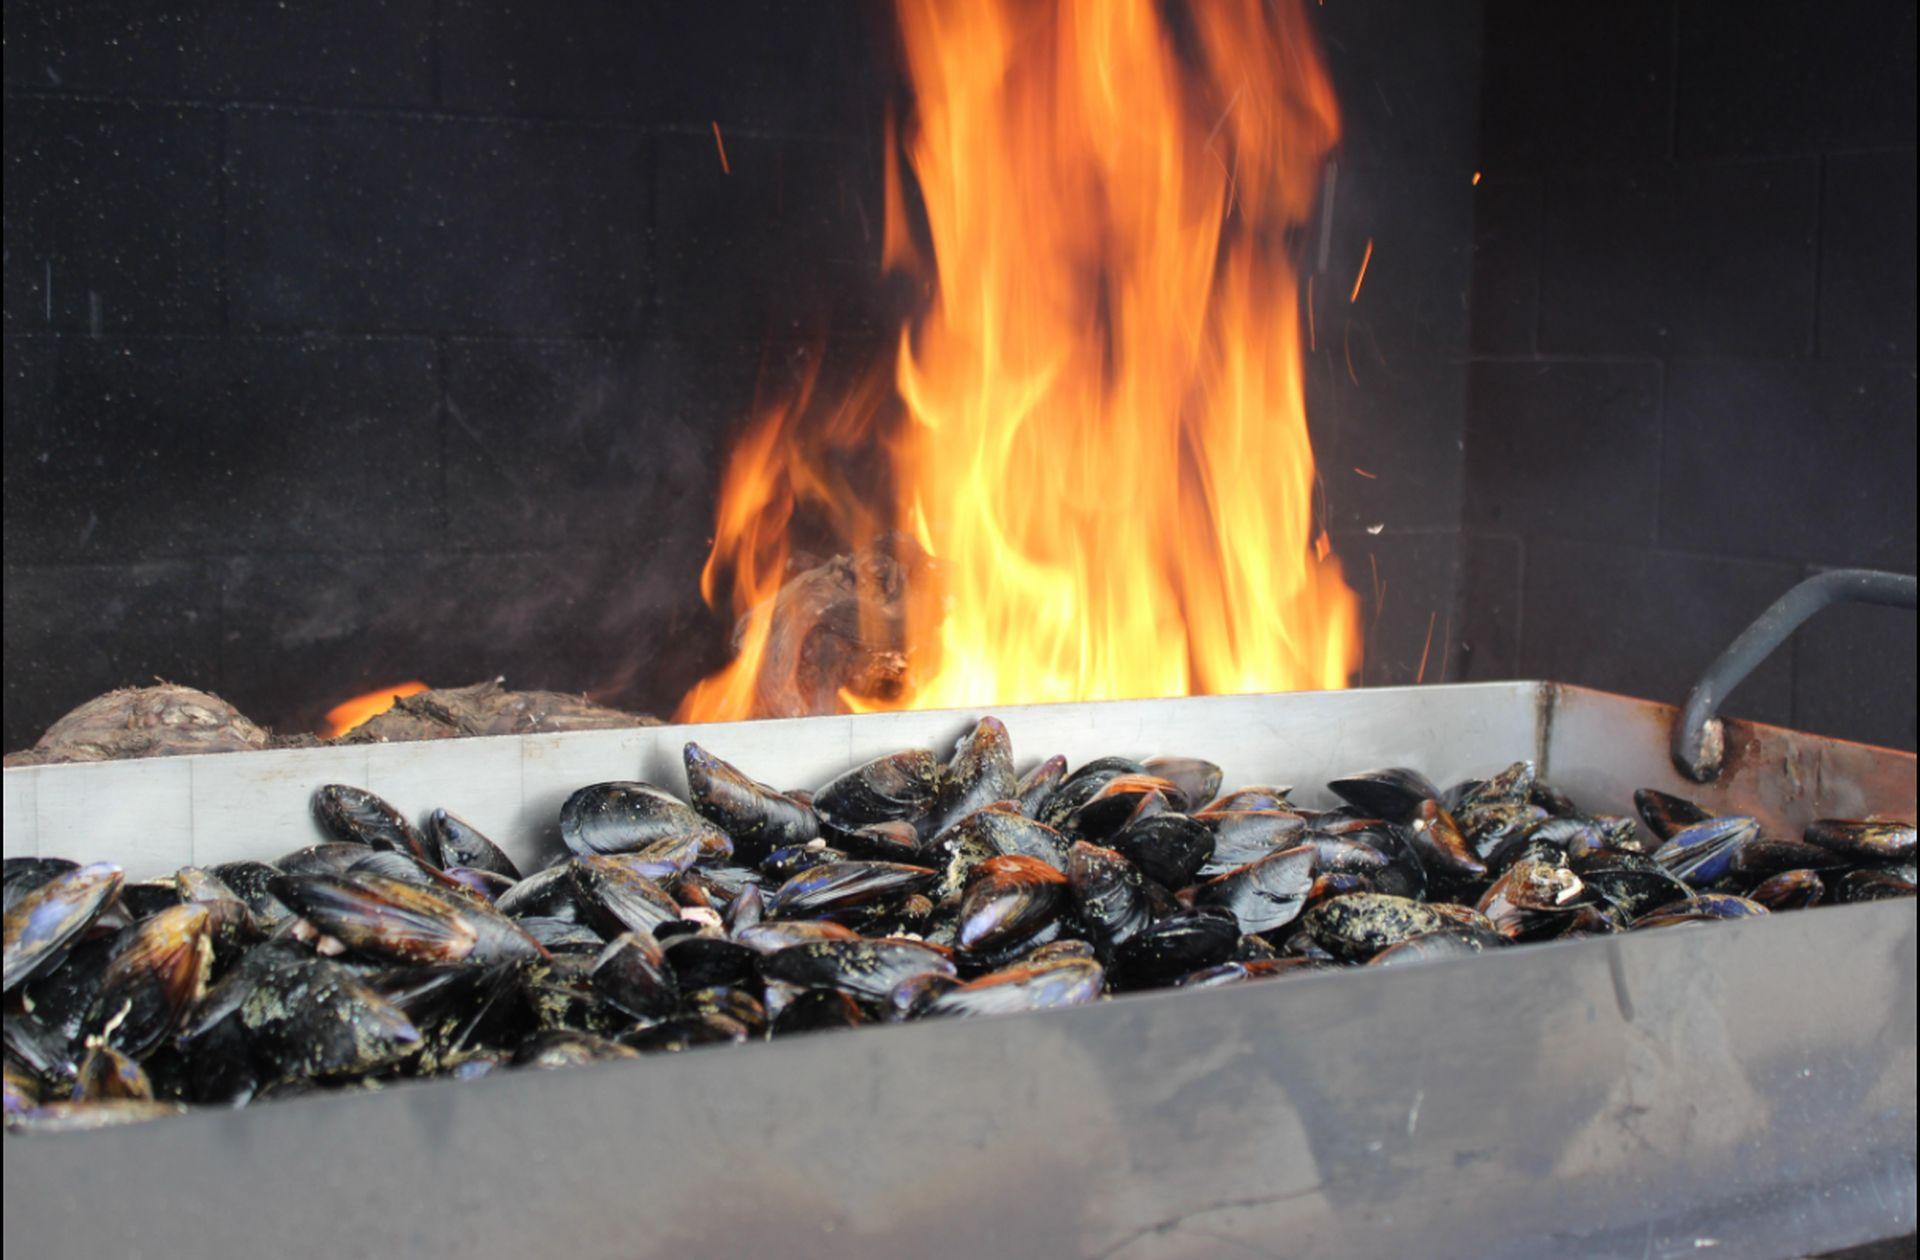 Brasucade de moules au mas conchylicole Chez Titin à Marseillan au bord de la lagune de Thau